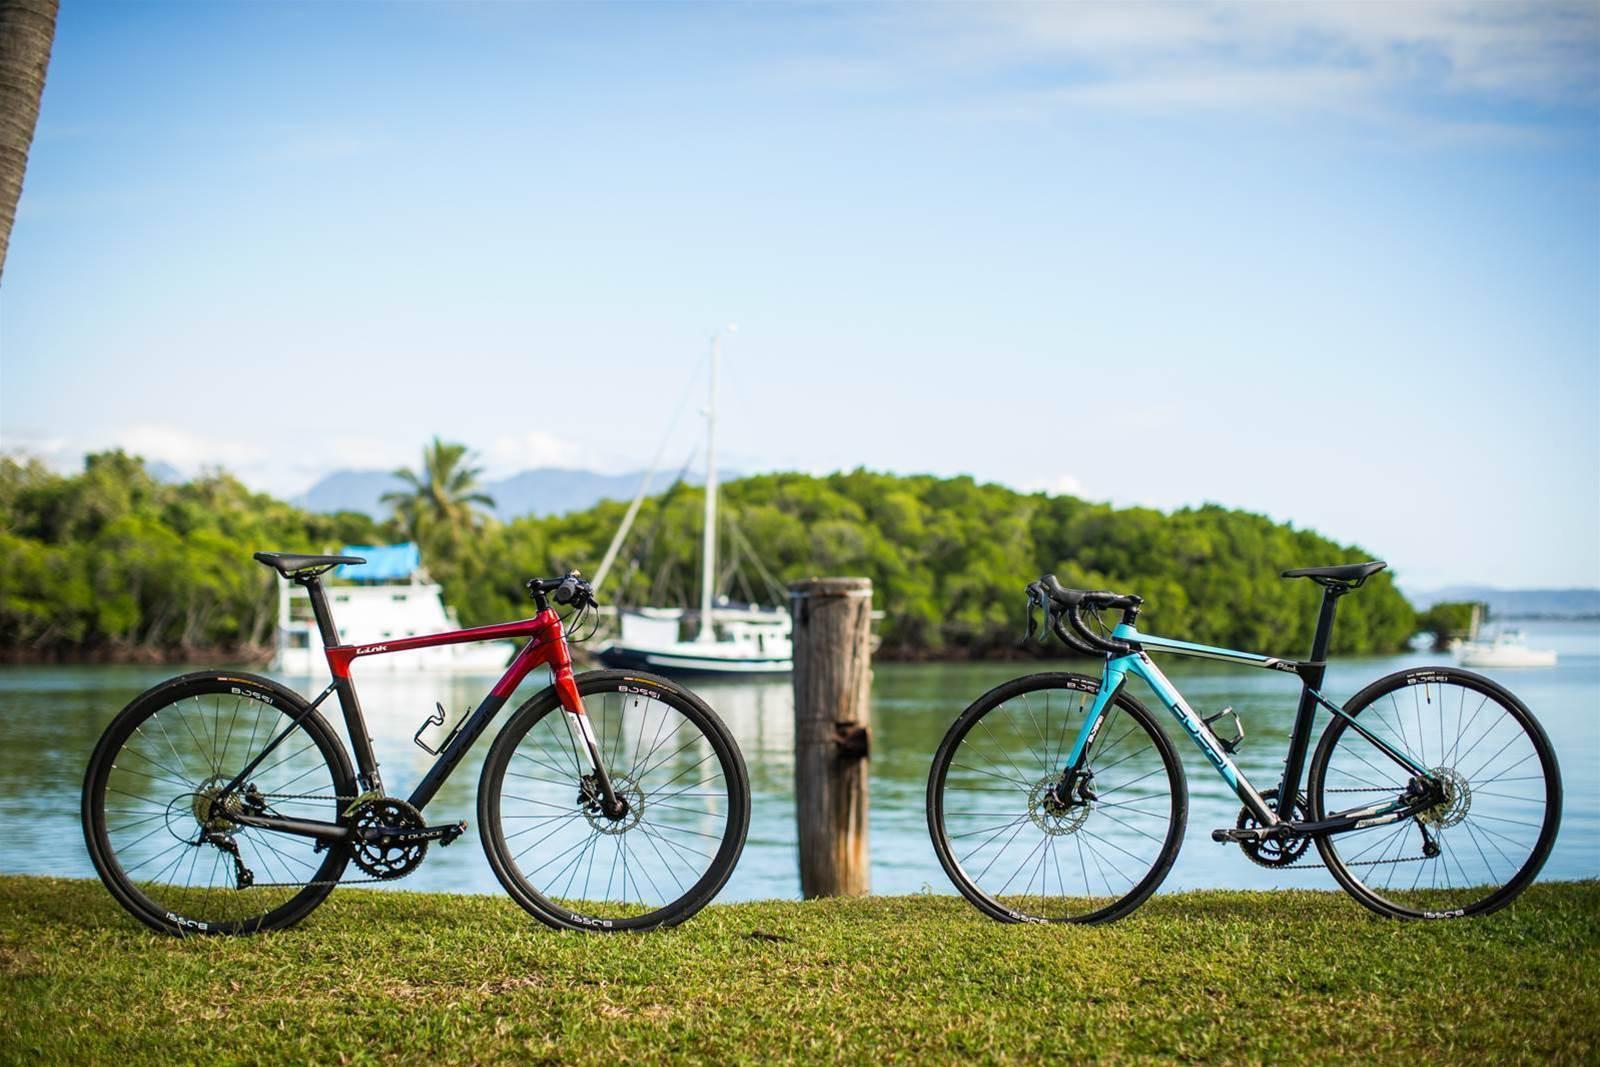 Should I get a flat bar or drop bar bike?